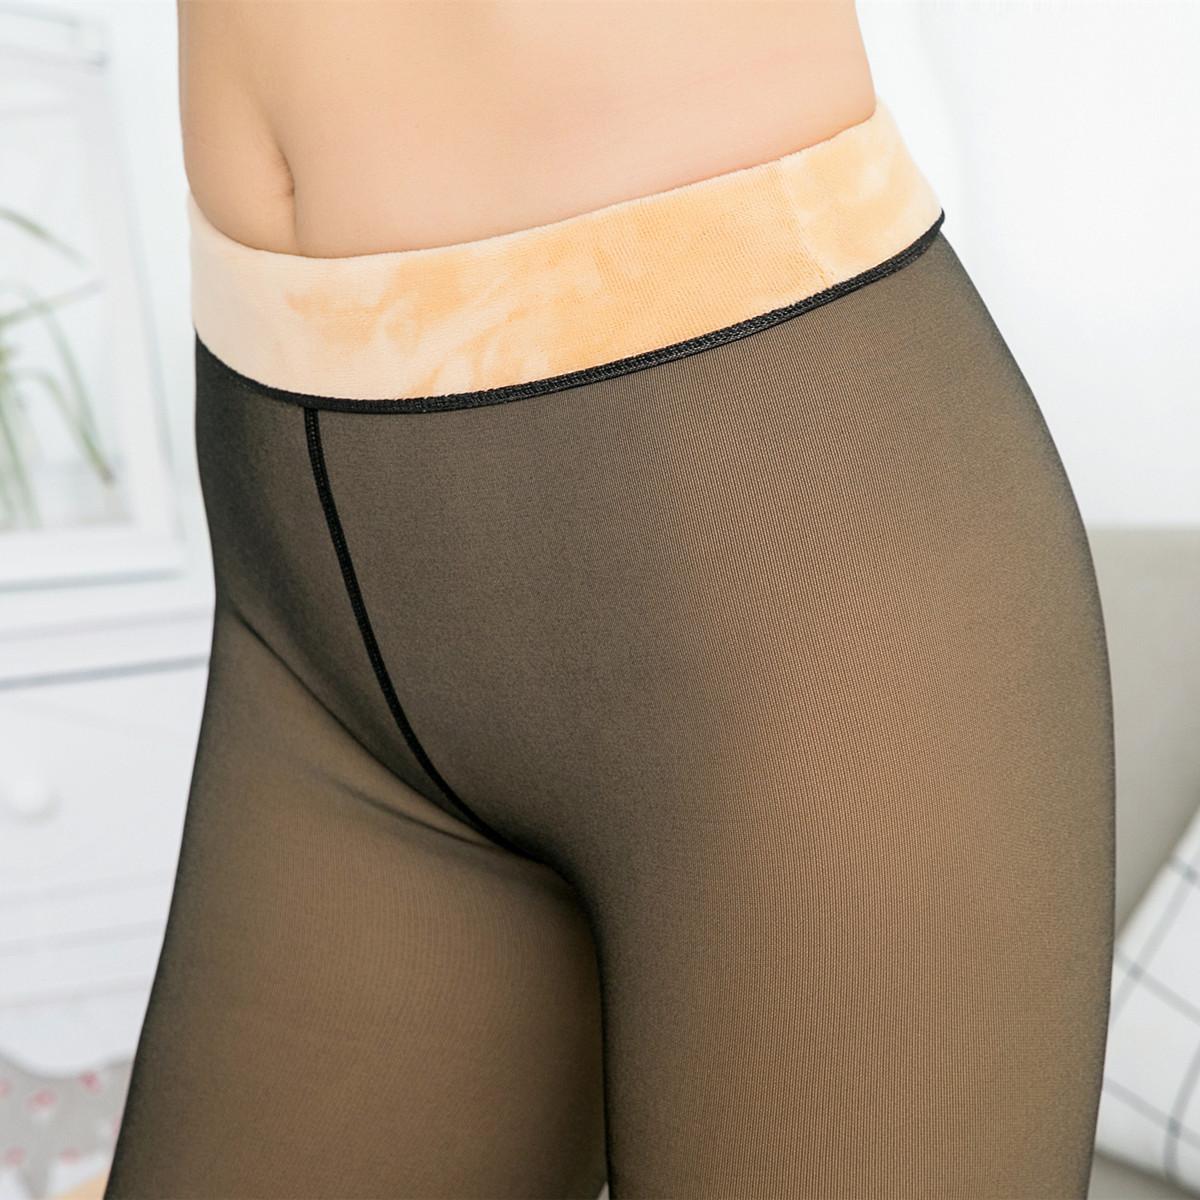 12月02日最新优惠春秋薄款单层一体无缝假透肉打底裤外穿加绒加厚肤色保暖连脚袜女